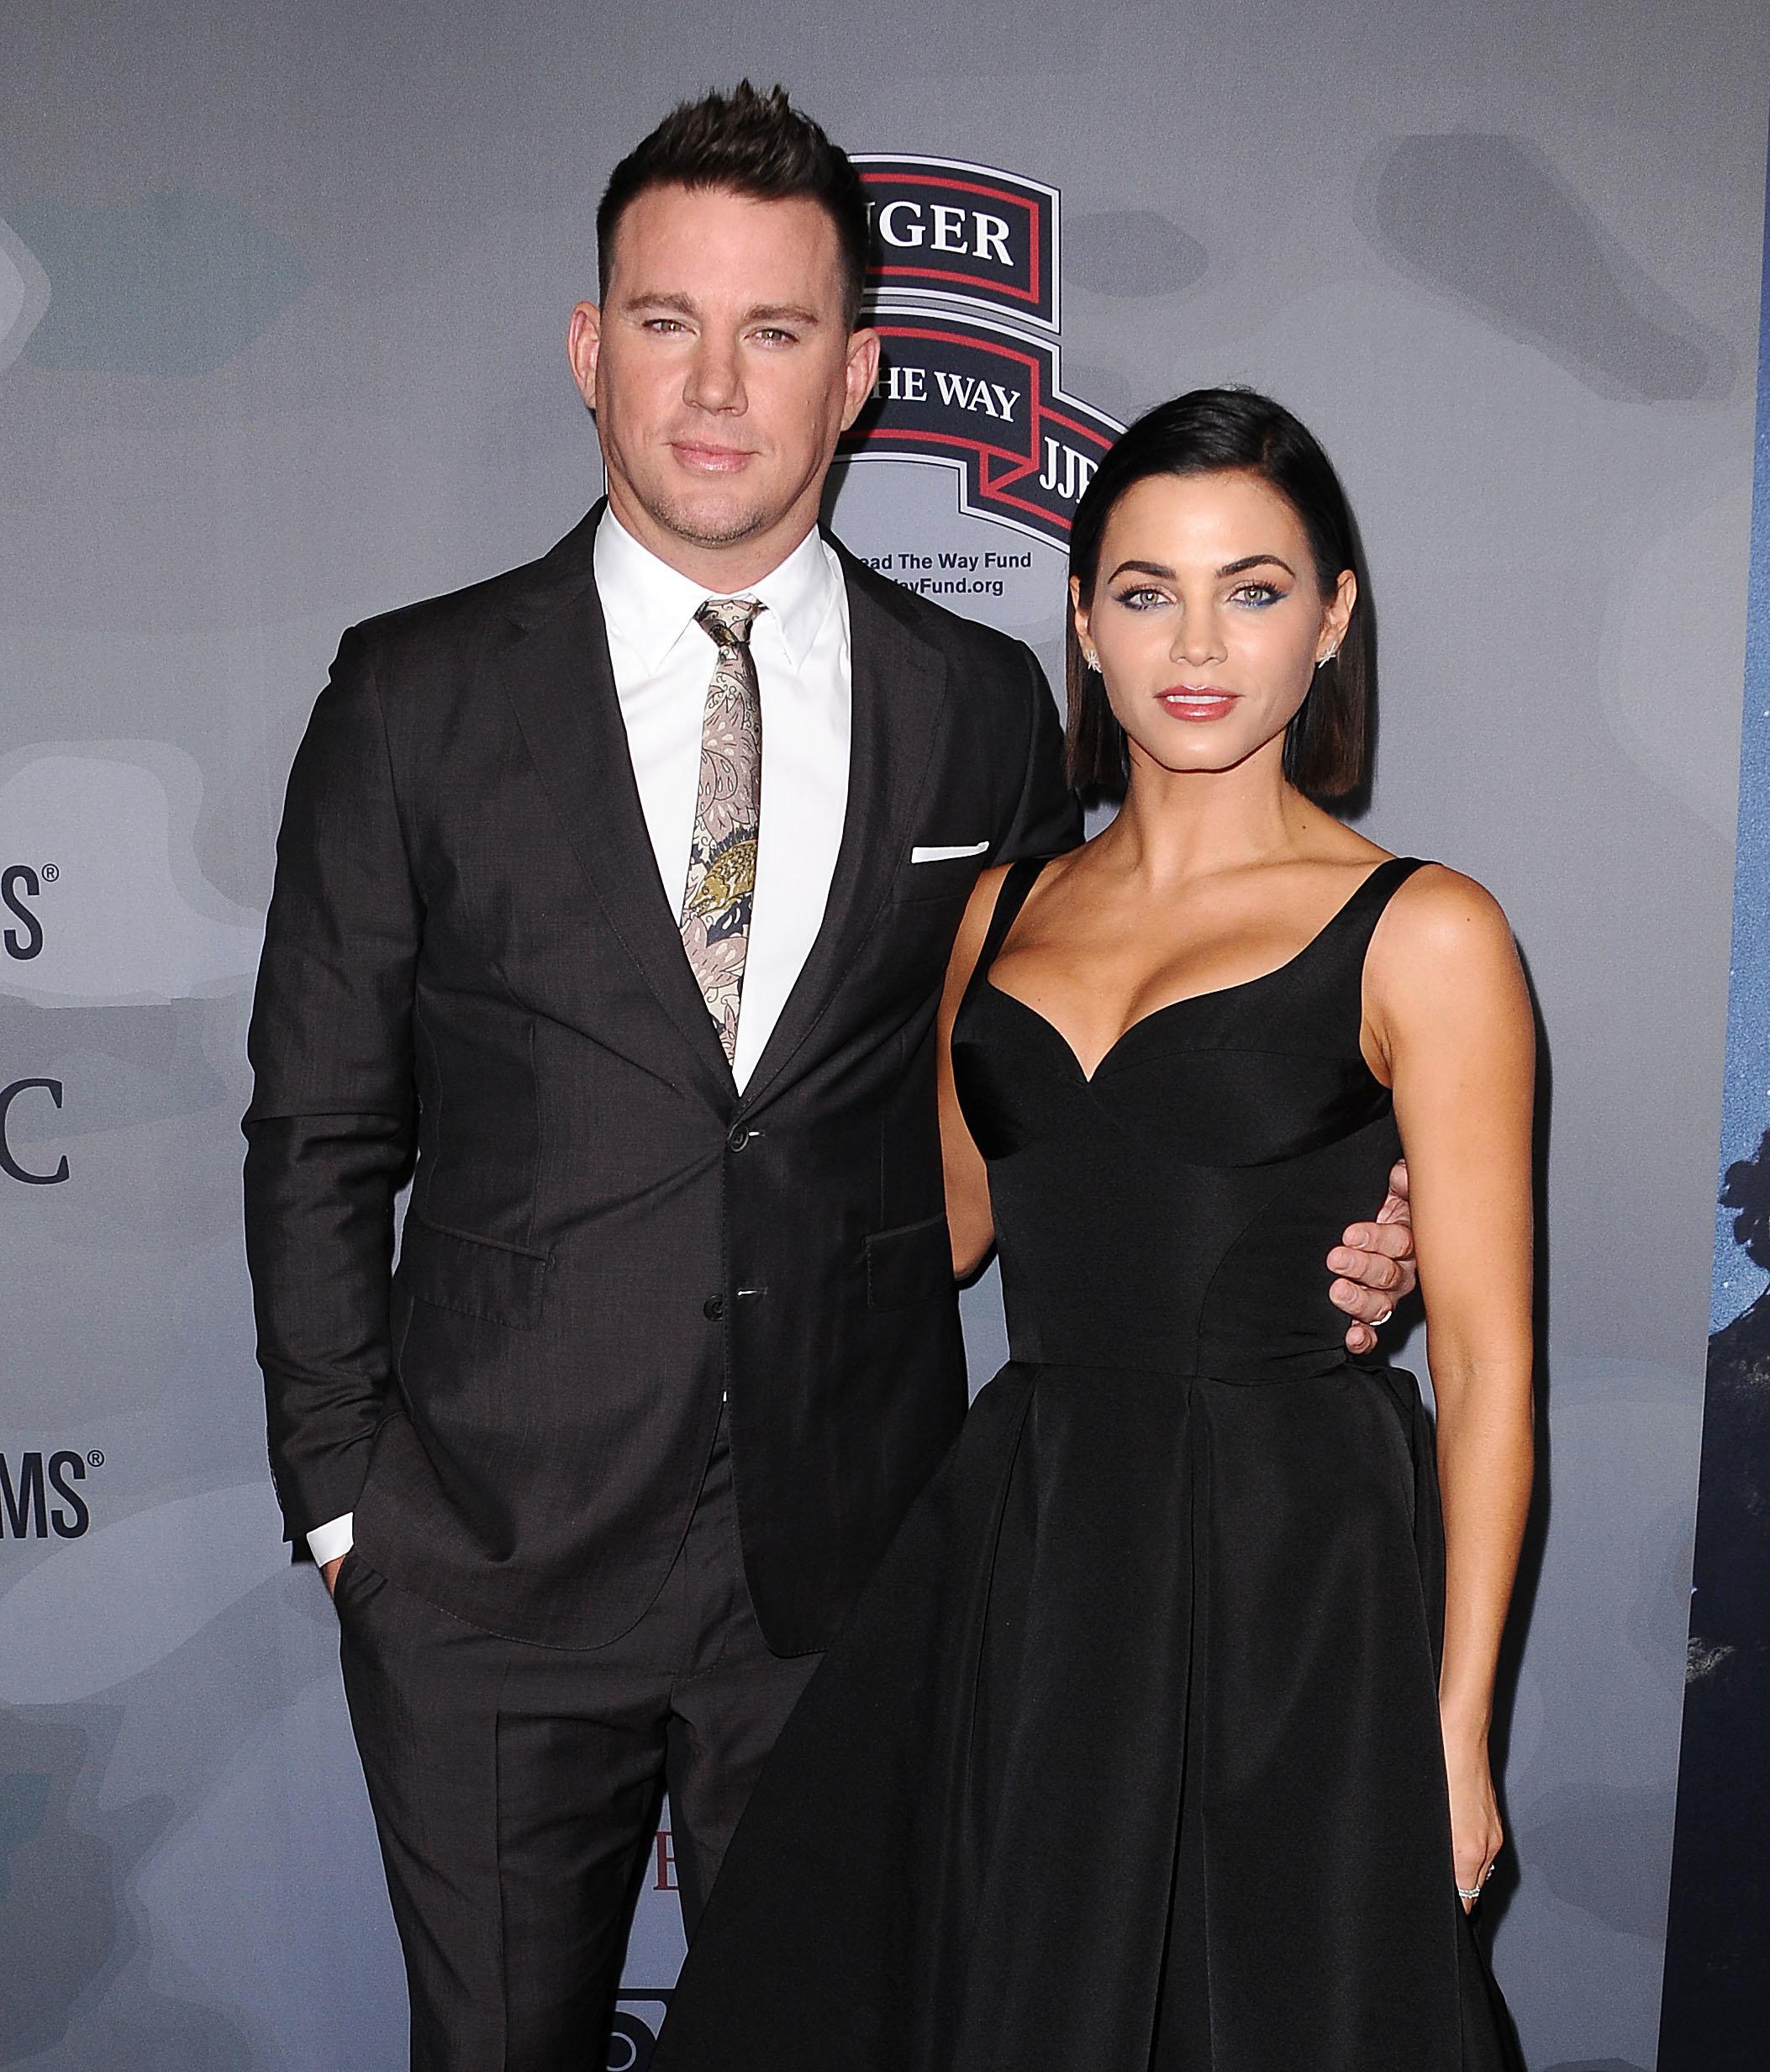 Jenna Dewan Talks Channing Tatum Split: 'I Let Myself